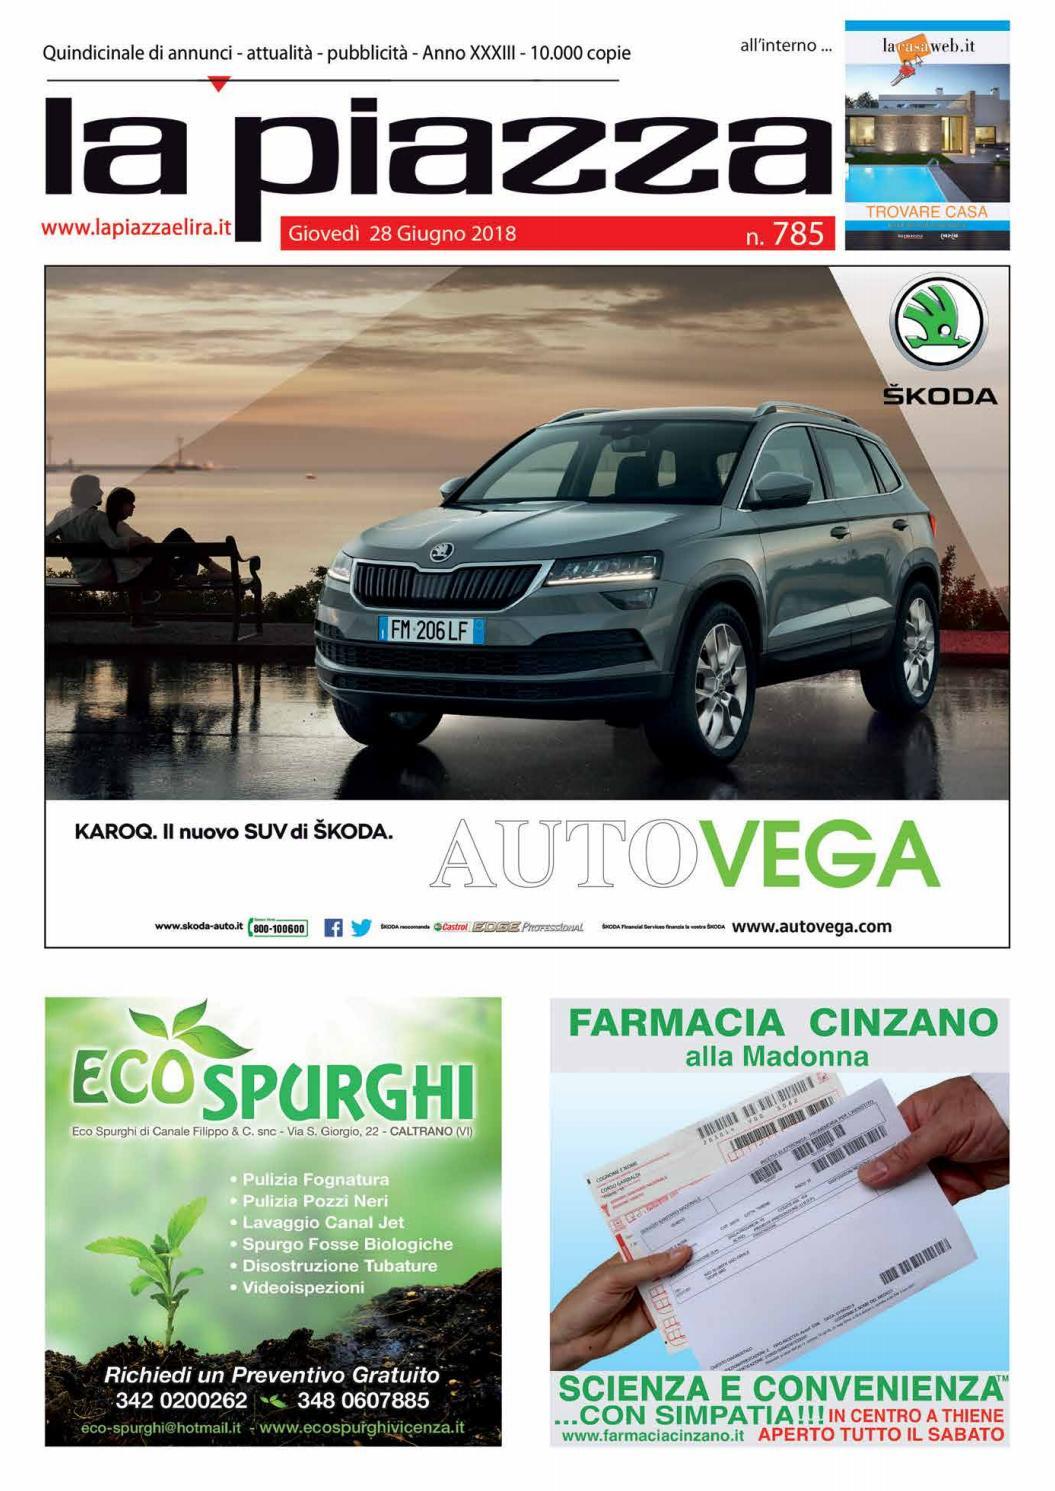 VW Polo Taglia KIT CAR SPECIAL CORSA qualità ALLUMINIO RADIATORE UK made from £ 134